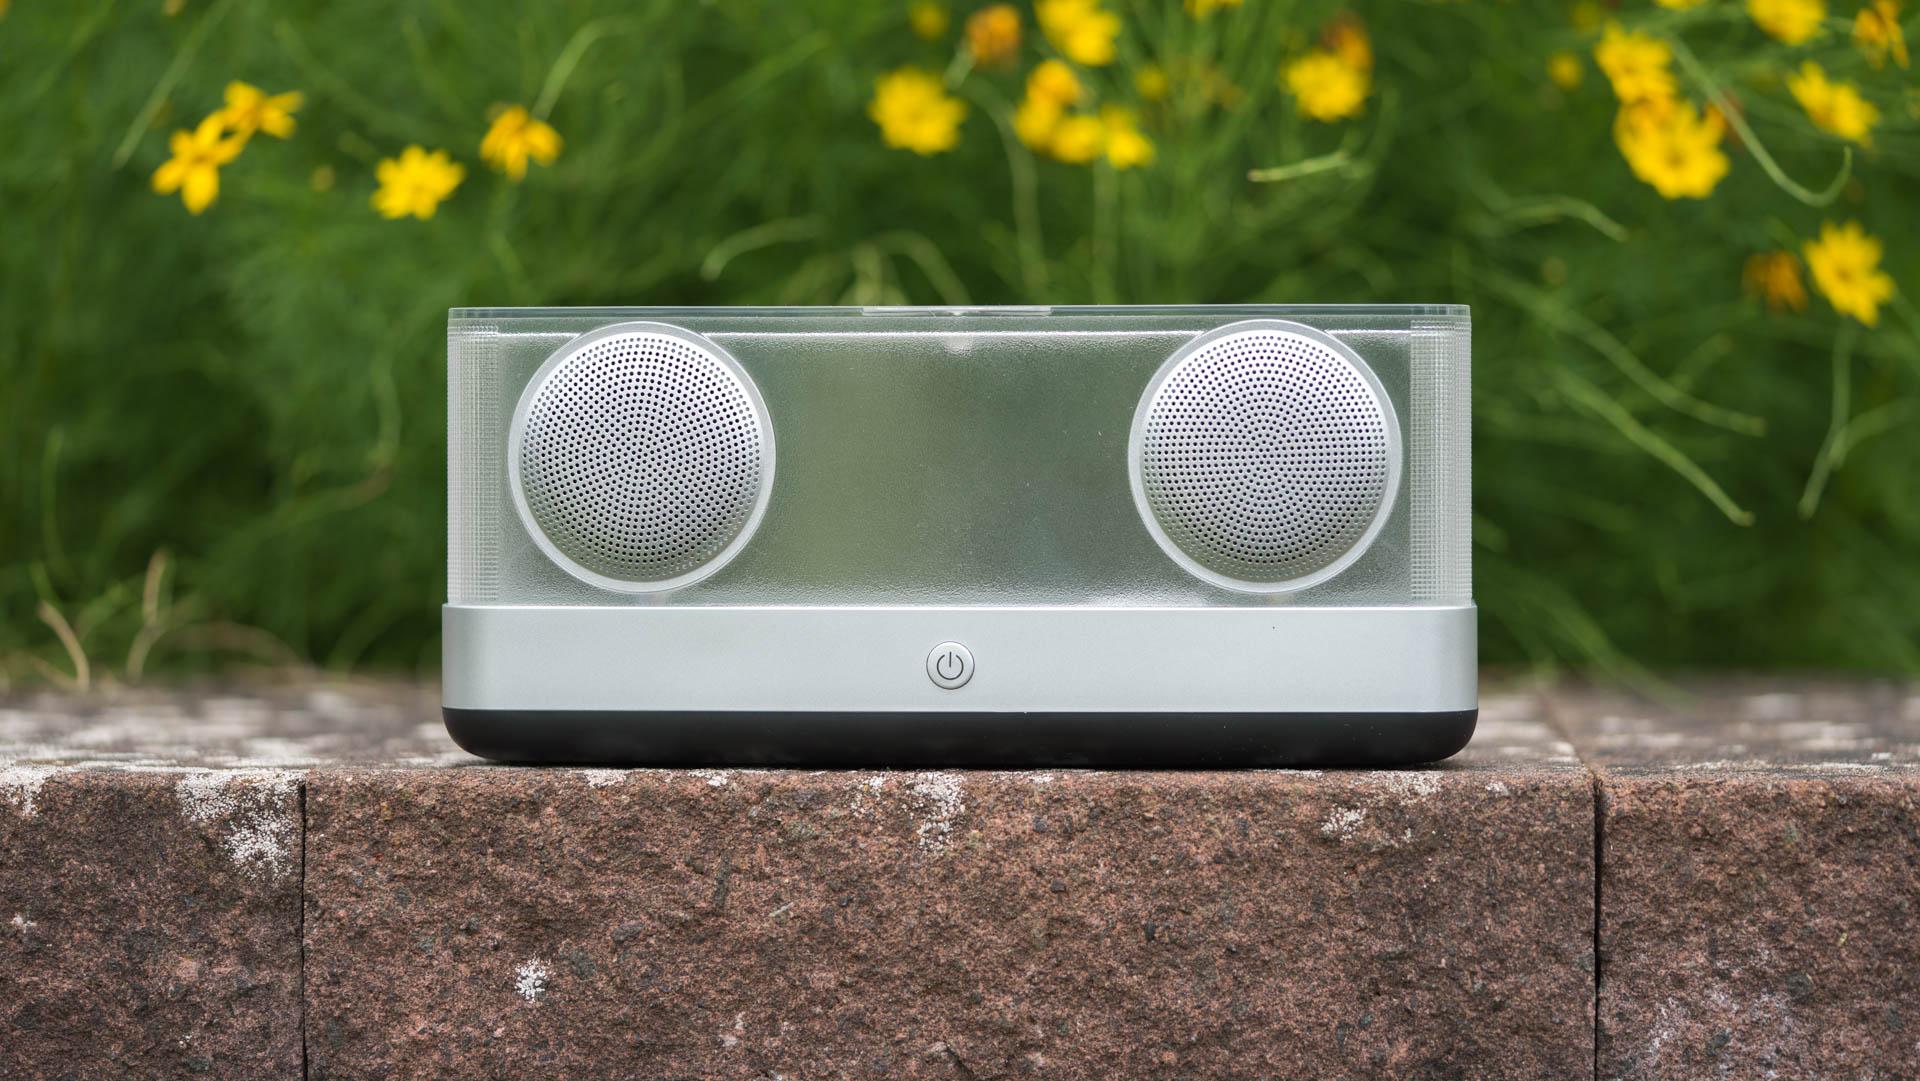 Der inateck bp2003 bluetooth lautsprecher im test sieht gut aus aber klingt er auch gut - Bluetooth lautsprecher wohnzimmer ...